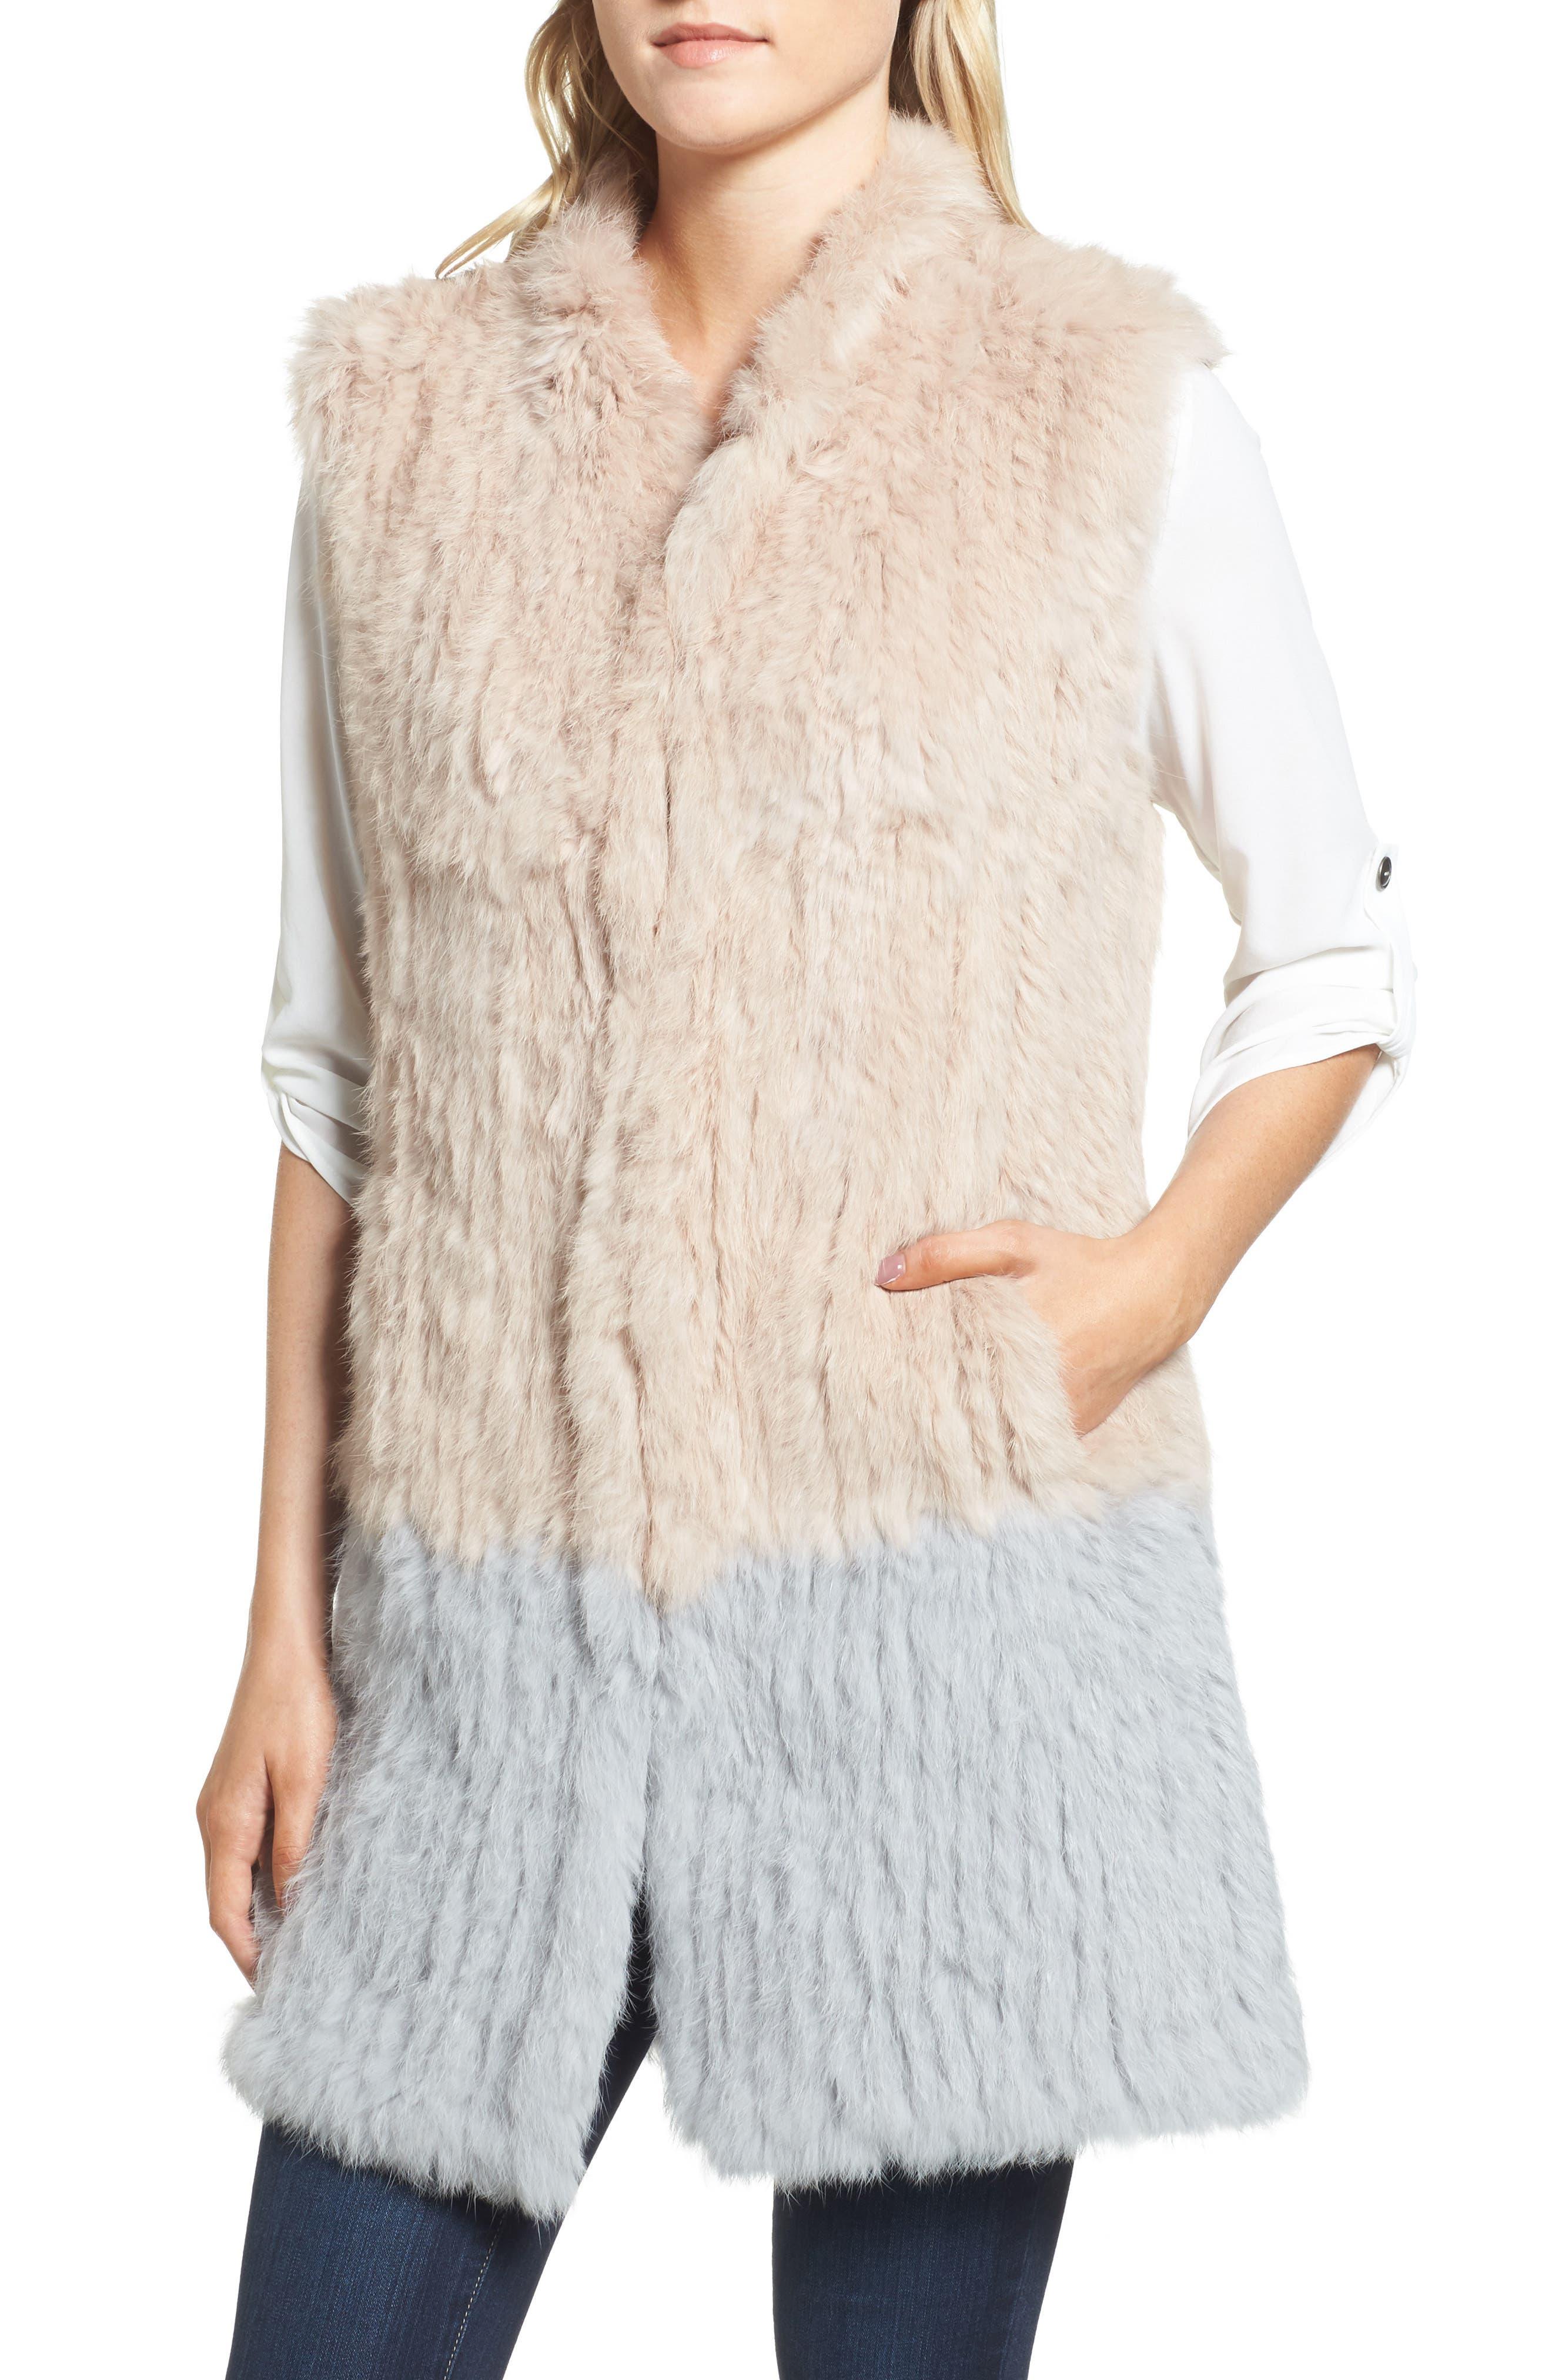 Clean Colorblock Genuine Rabbit Fur Vest,                             Alternate thumbnail 4, color,                             Blush/ Grey